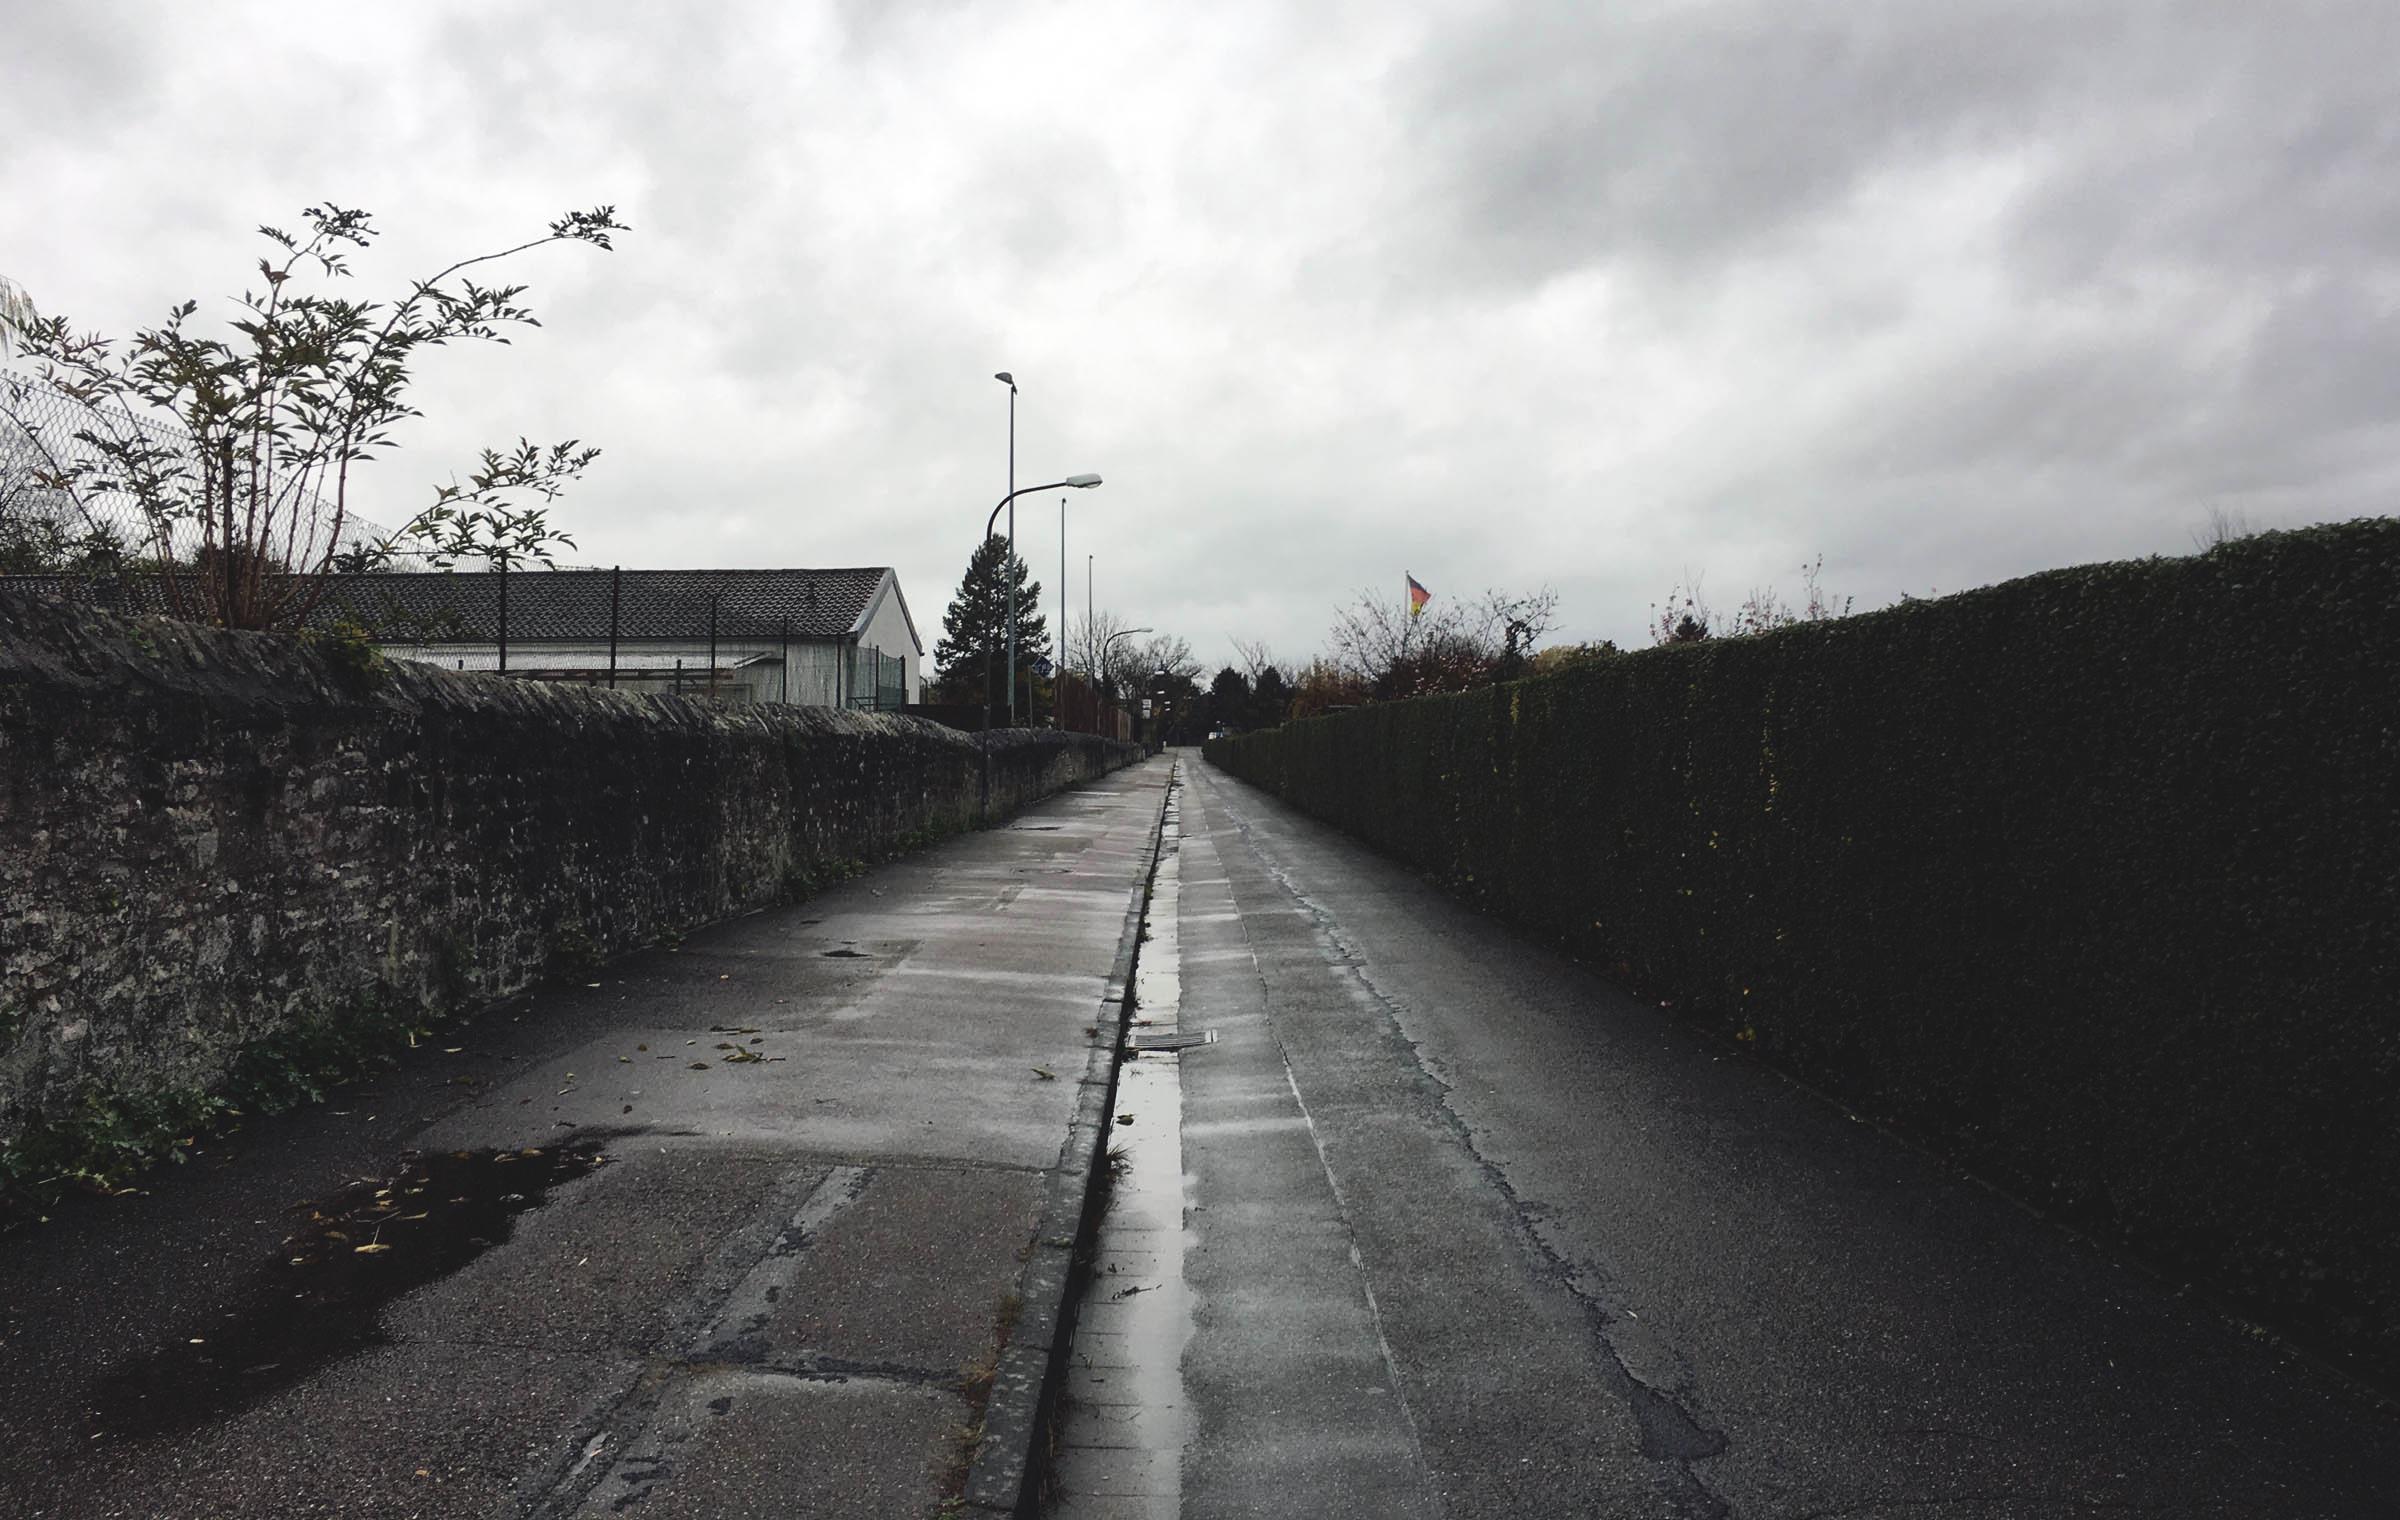 Gähnende Leere und düsteres Wetter auf dem Weg zum Sportzentrum…